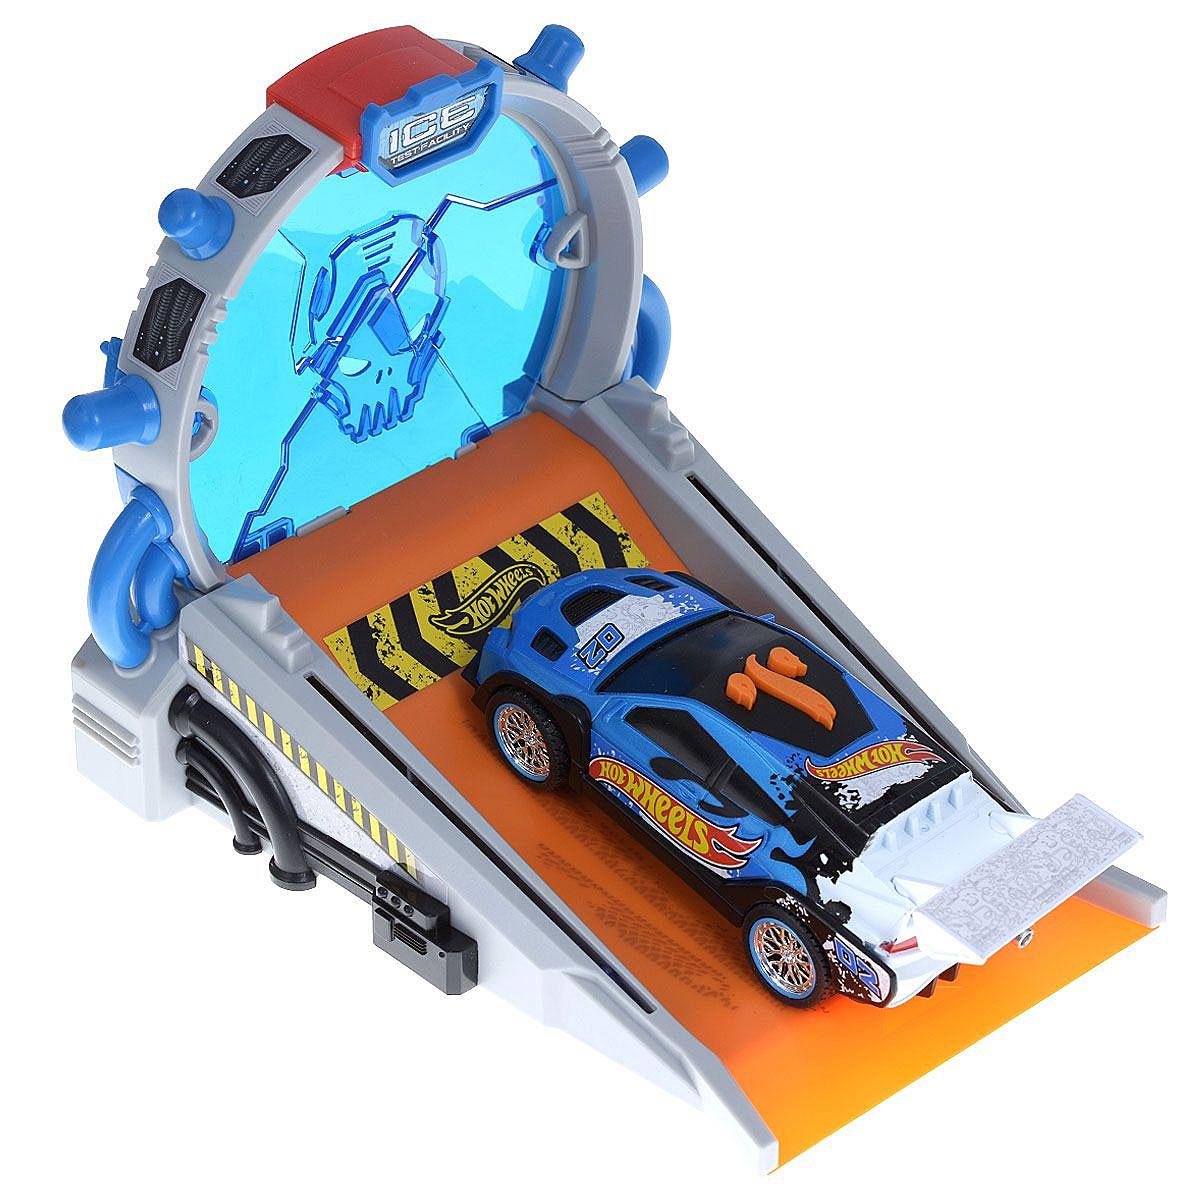 Hot Wheels Игровой набор Безумный трюк цвет машины синий90520TS_синийИгровой набор Hot Wheels Безумный трюк со звуковыми и световыми эффектами, несомненно, понравится вашему ребенку и не позволит ему скучать. Игрушка выполнена в виде стильной гоночной машины. При нажатии на кнопки, расположенные на крыше, воспроизводятся звуки работающего двигателя, играет музыка, а фары машинки начинают светиться. Нажмите на центральную кнопку и фары машинки загорятся, она поедет вперед. В набор входит пусковая станция для машинки, которая позволит ей демонстрировать безумные трюки - проезжать сквозь стену из льда. Ваш ребенок часами будет играть с набором, придумывая различные истории и устраивая соревнования. Порадуйте его таким замечательным подарком! Рекомендуется докупить 3 батарейки напряжением 1,5V типа AАА (товар комплектуется демонстрационными).